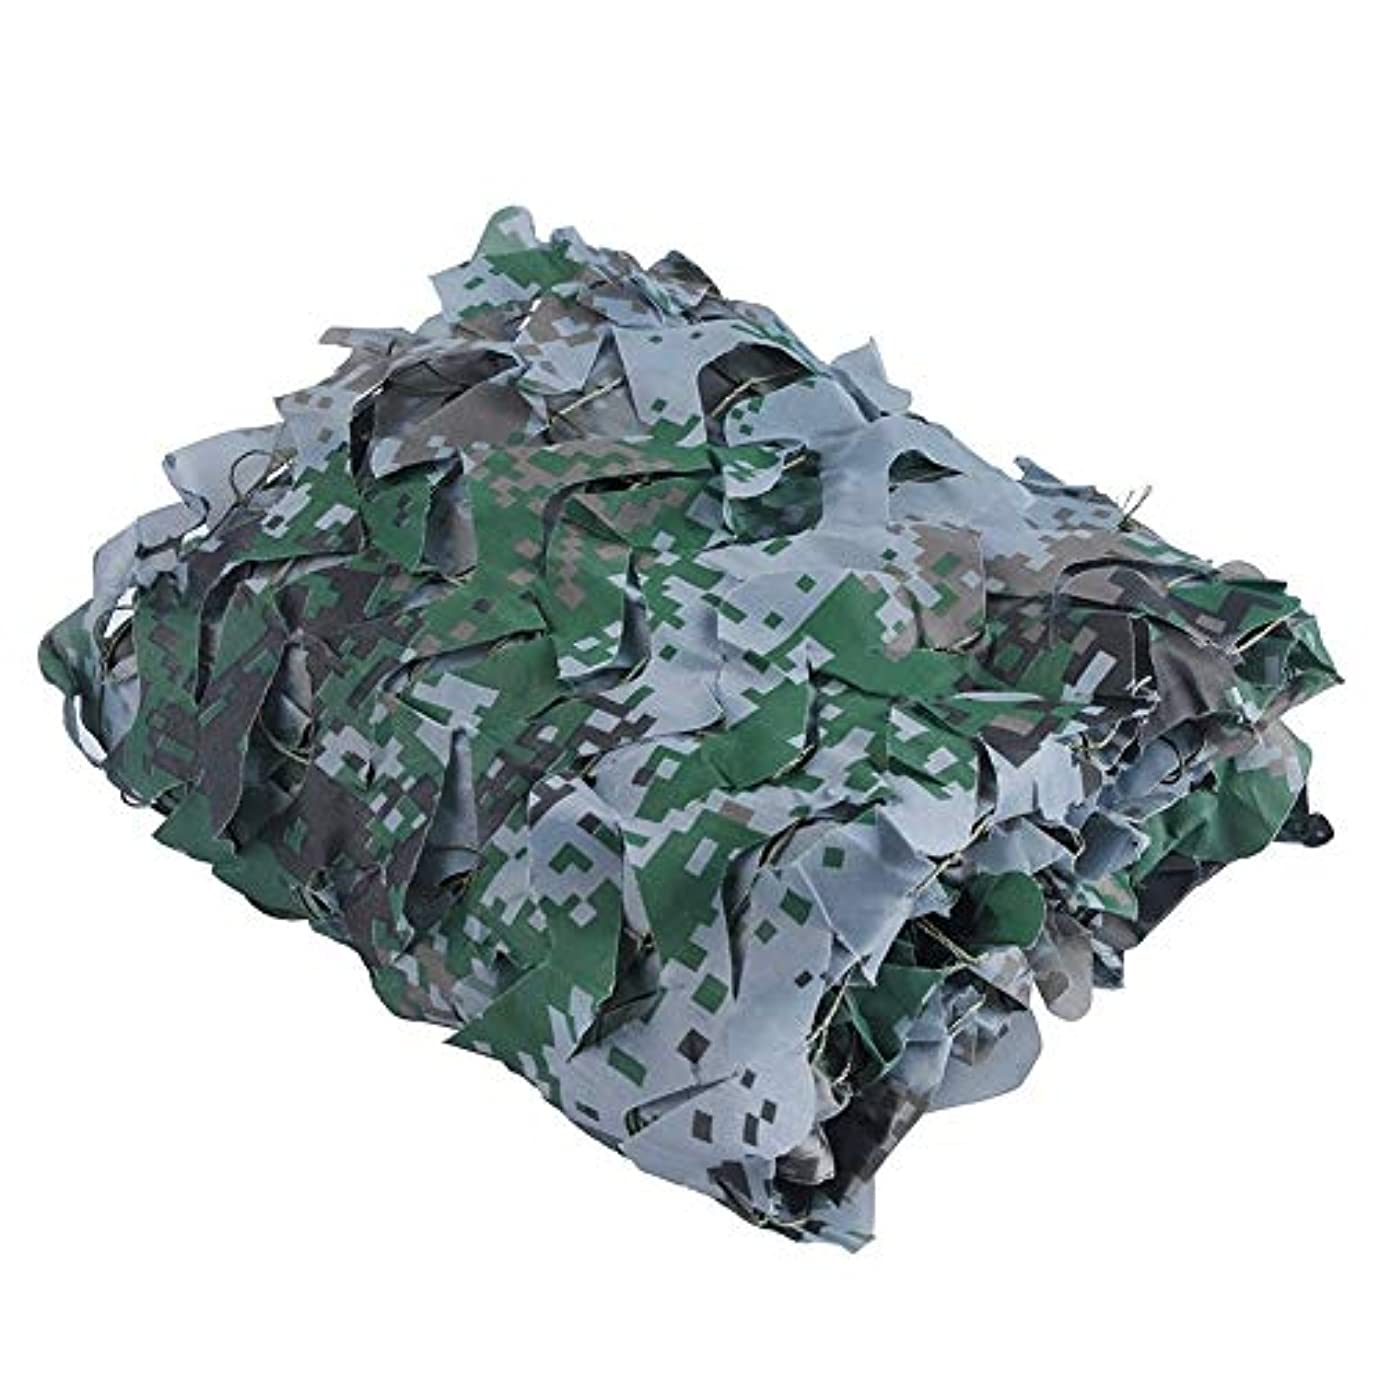 猛烈な余暇仮定、想定。推測迷彩ネットウッドランド砂漠迷彩ネットキャンプ軍事狩猟射撃日焼け止めネット迷彩パーティー装飾テーマレストランの装飾 (Color : Digital camouflage, Size : 6x10m)